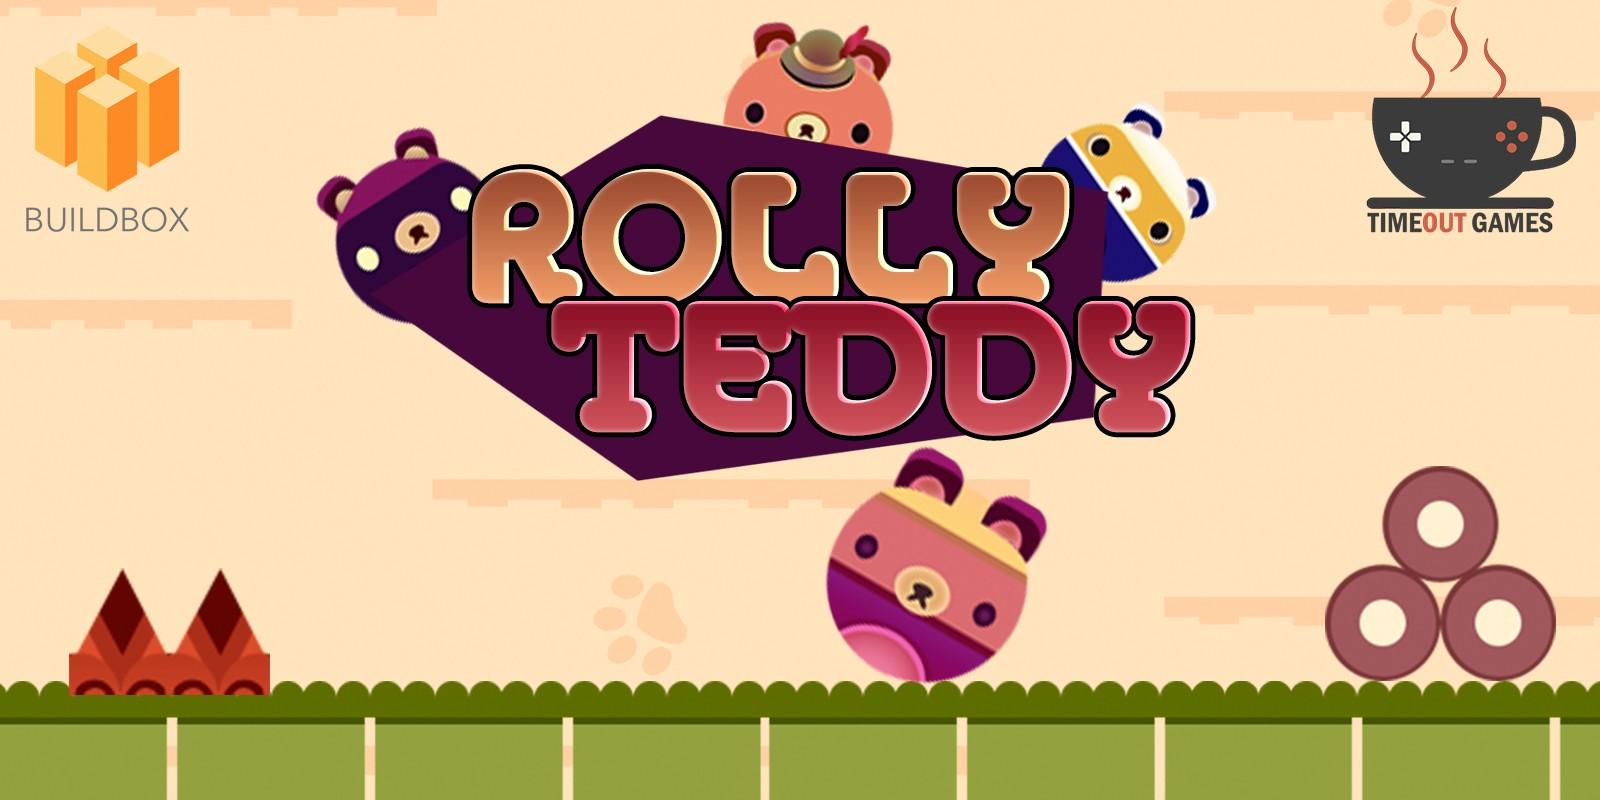 Rolly Teddy - Full Buildbox Game